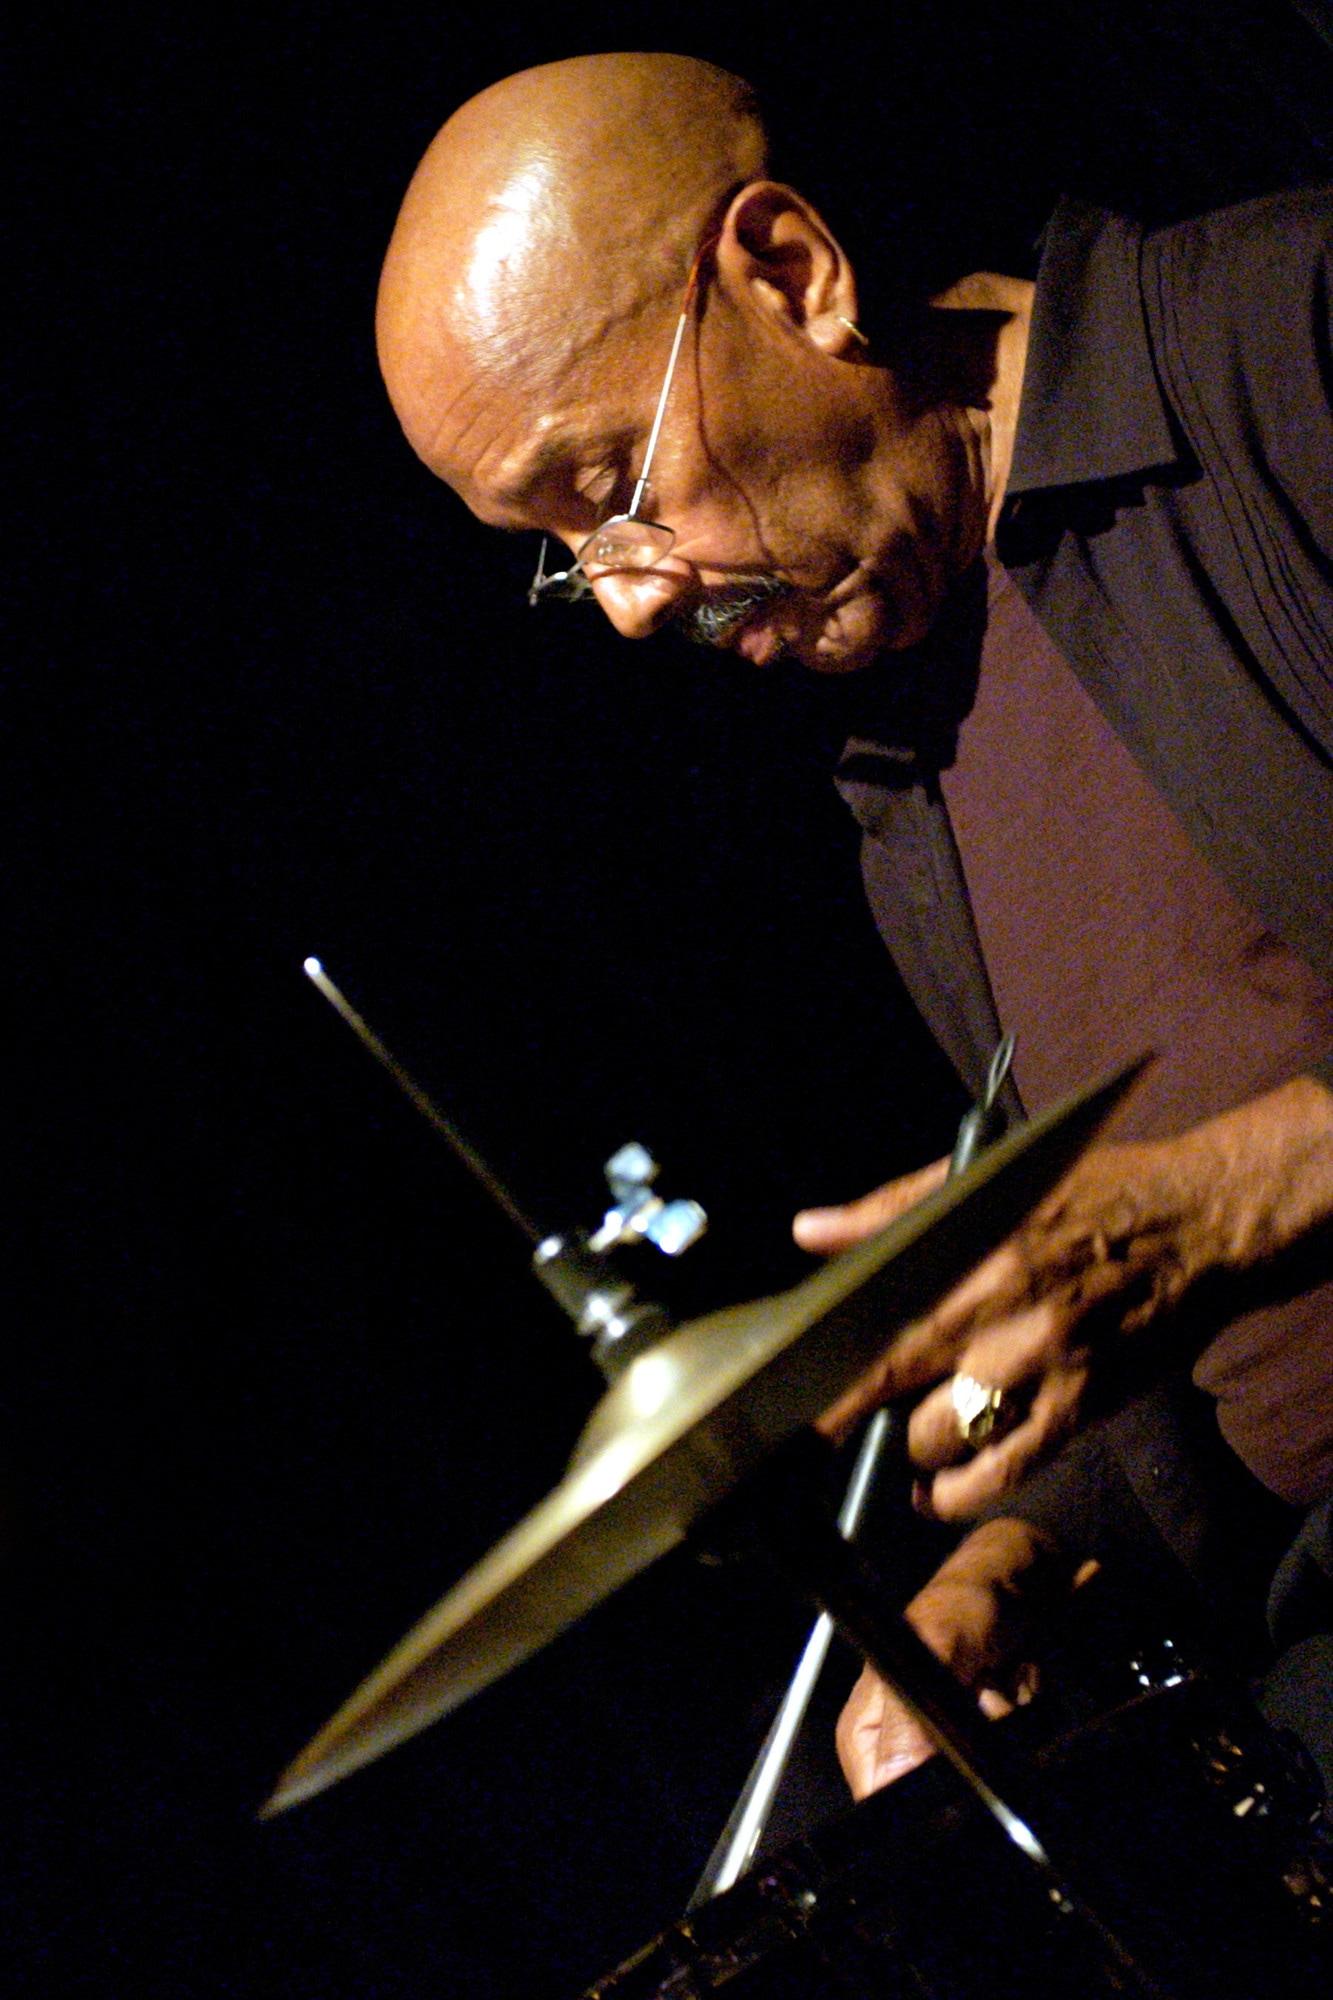 Un homme chauve à lunettes joue de la batterie.